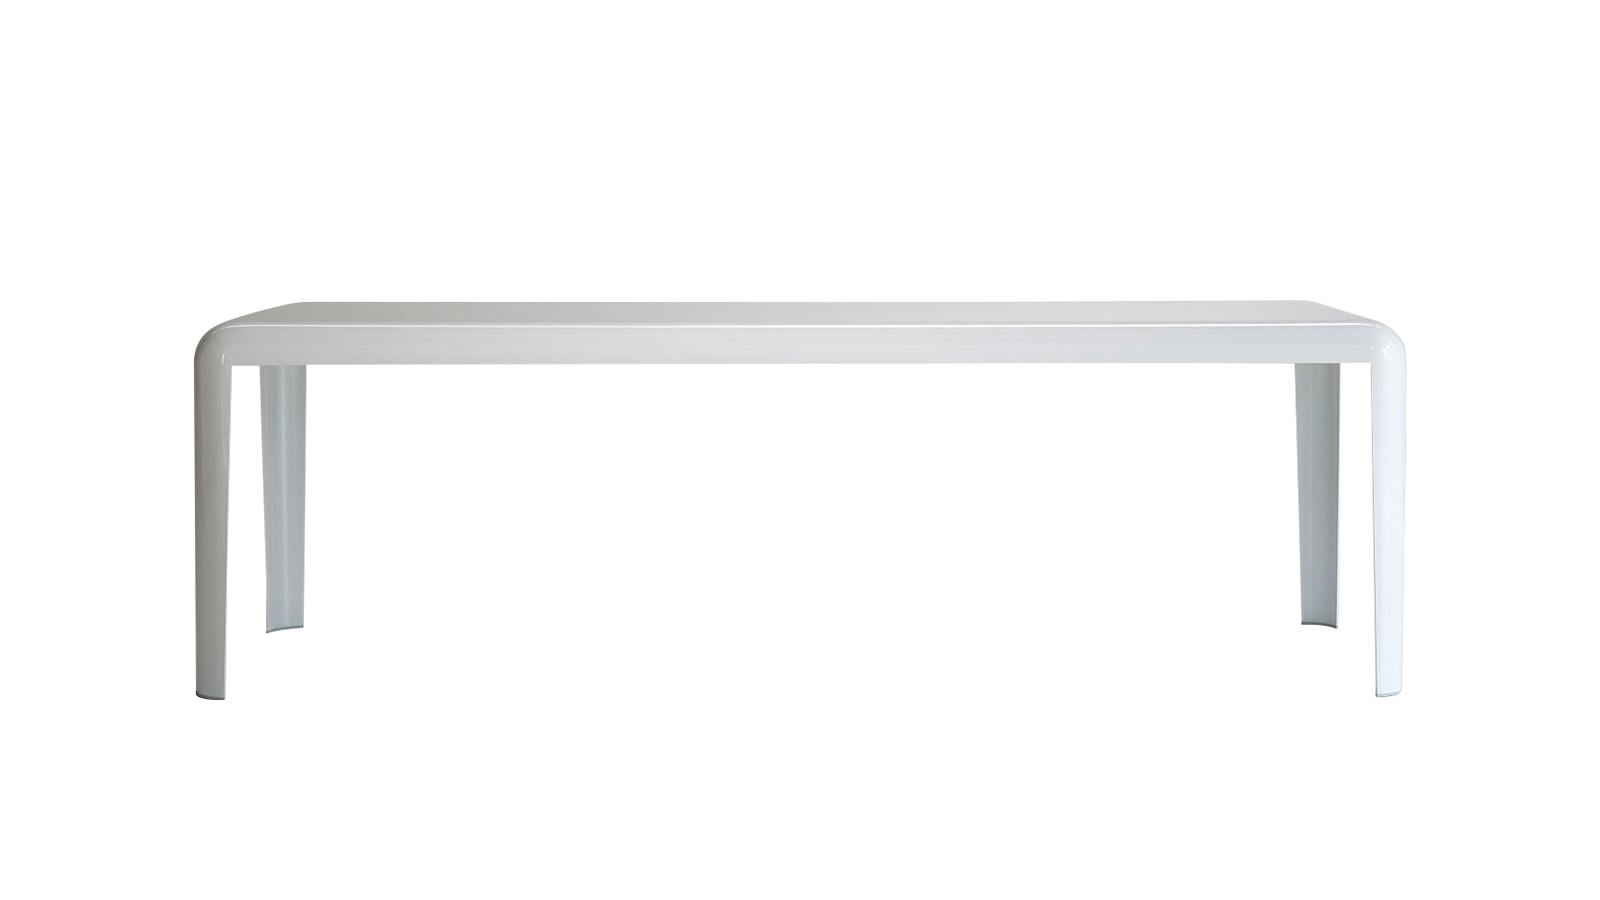 A Porro asztala, Piero Lissoni designer alkotása egyetlen nagy fém lapból, hajlítással készülő darab, mely több méretben, magasságban és többféle felülettel is elérhető.